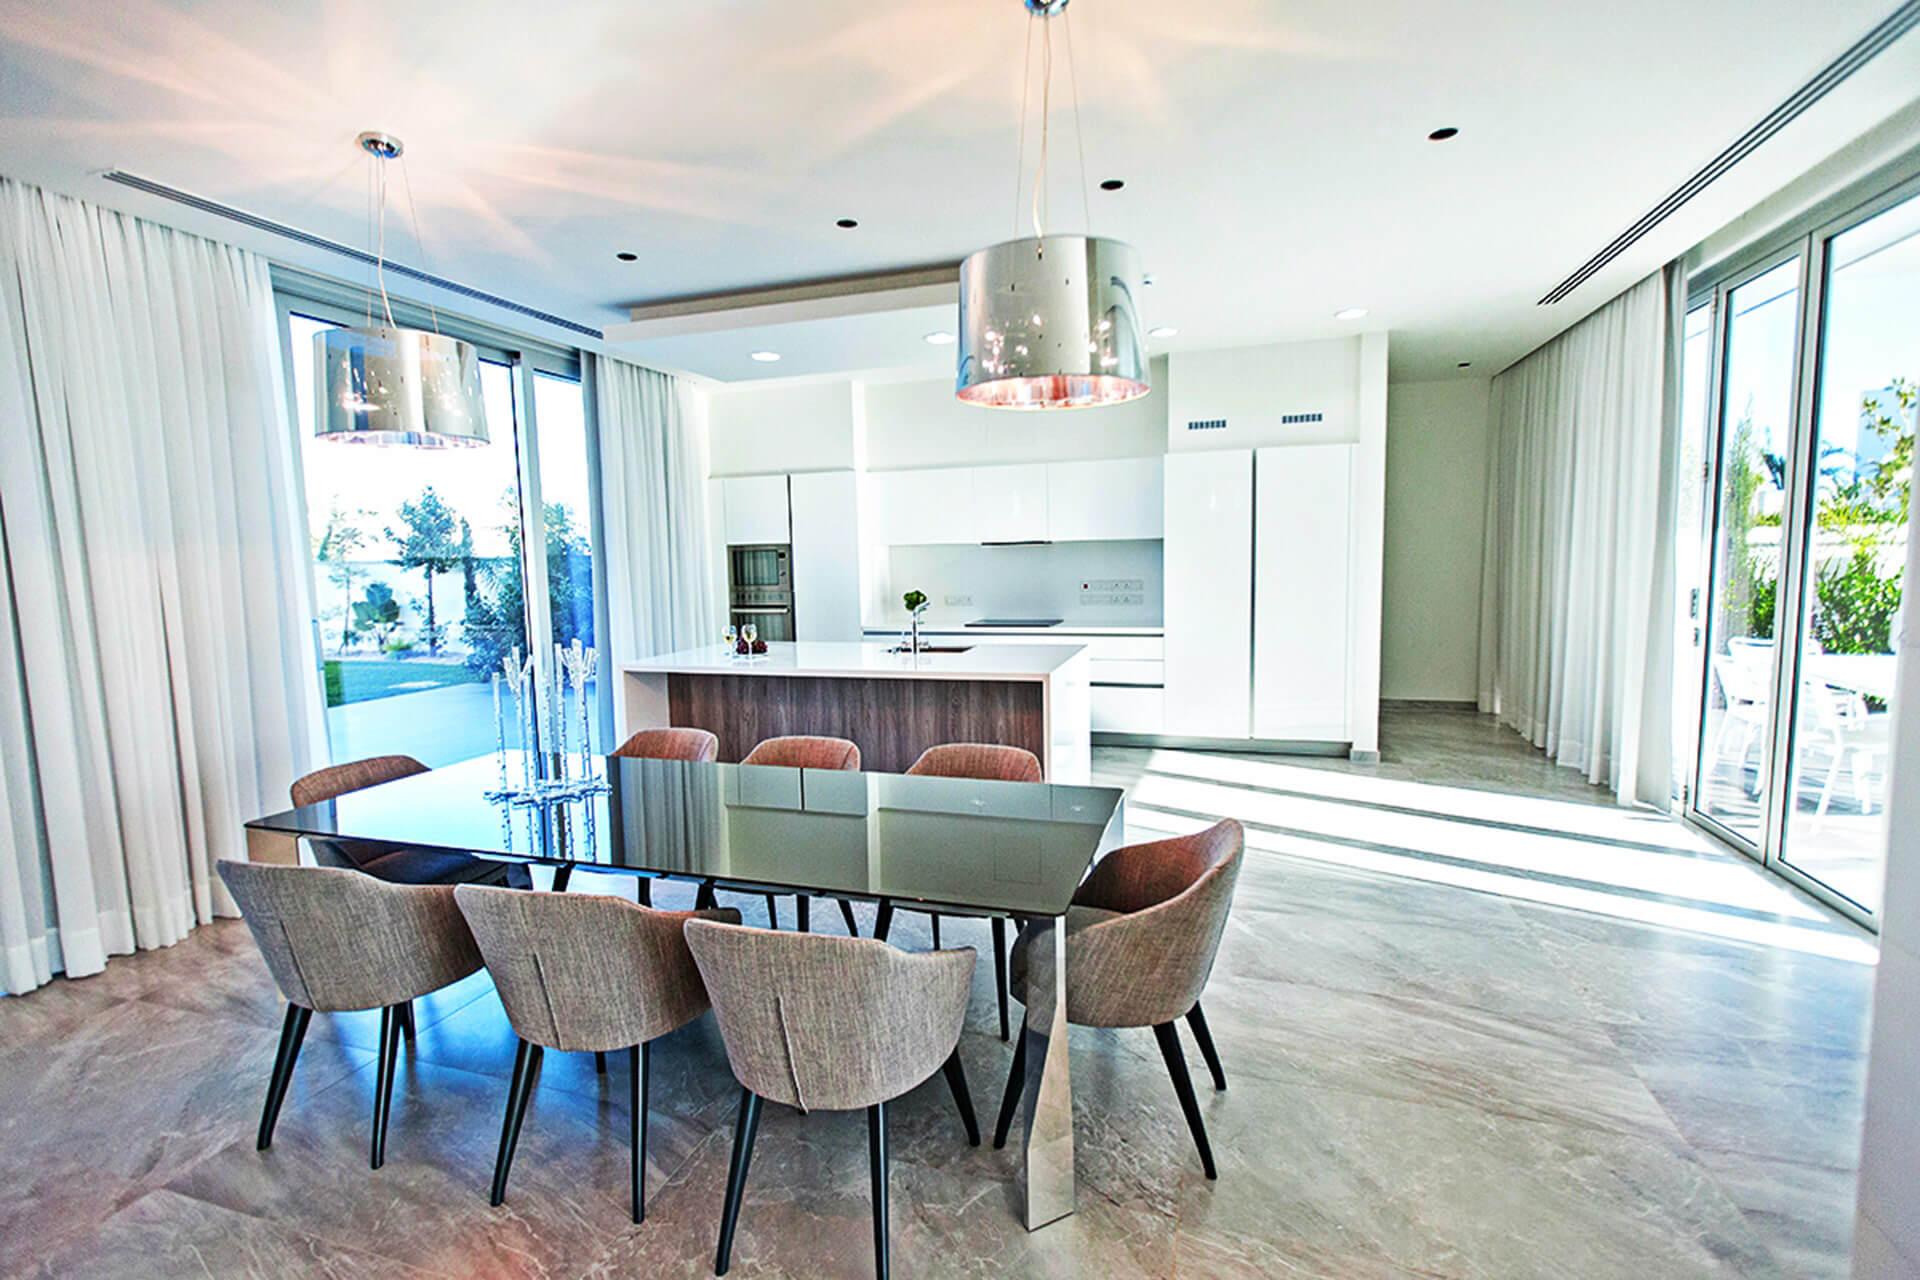 diningarea.kitchen.pic2